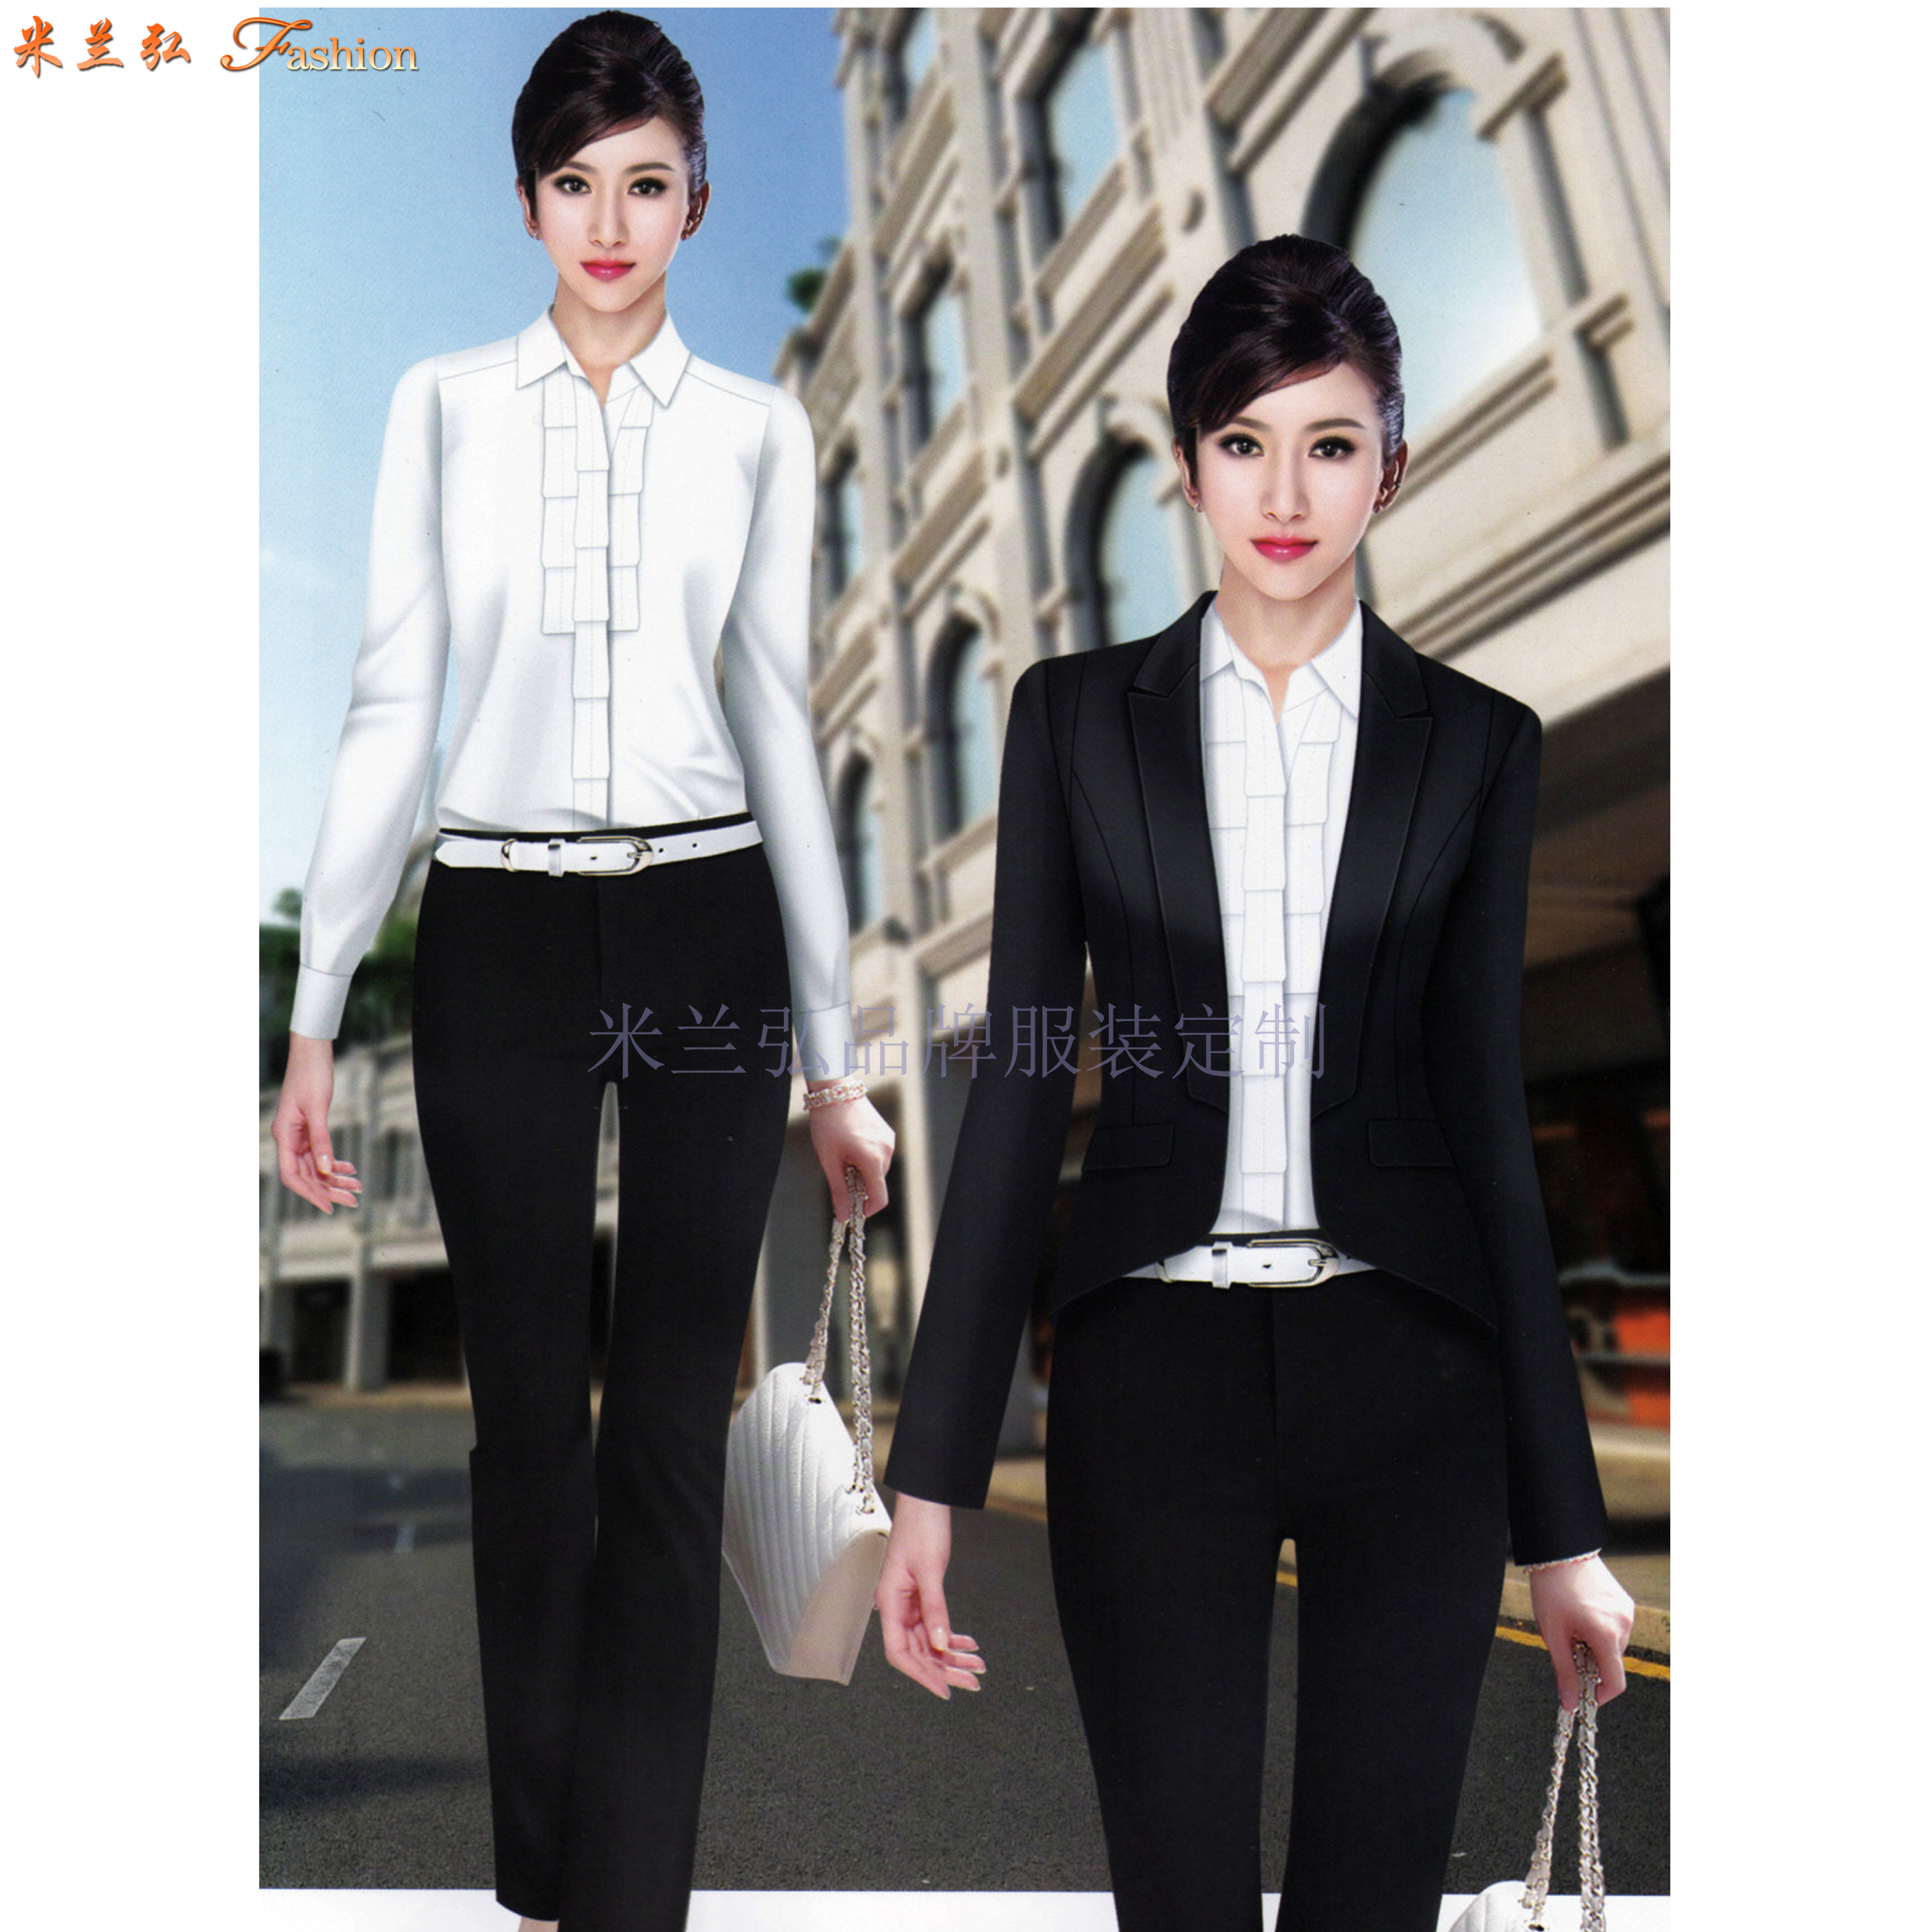 北京高端職業裝定制品牌-米蘭弘公司設計制作職業裝新款女裝圖片-3